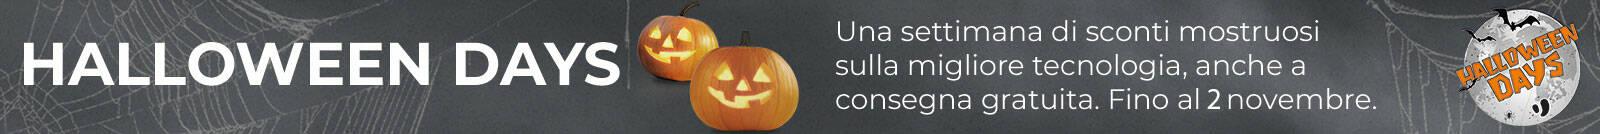 banner halloween unieuro